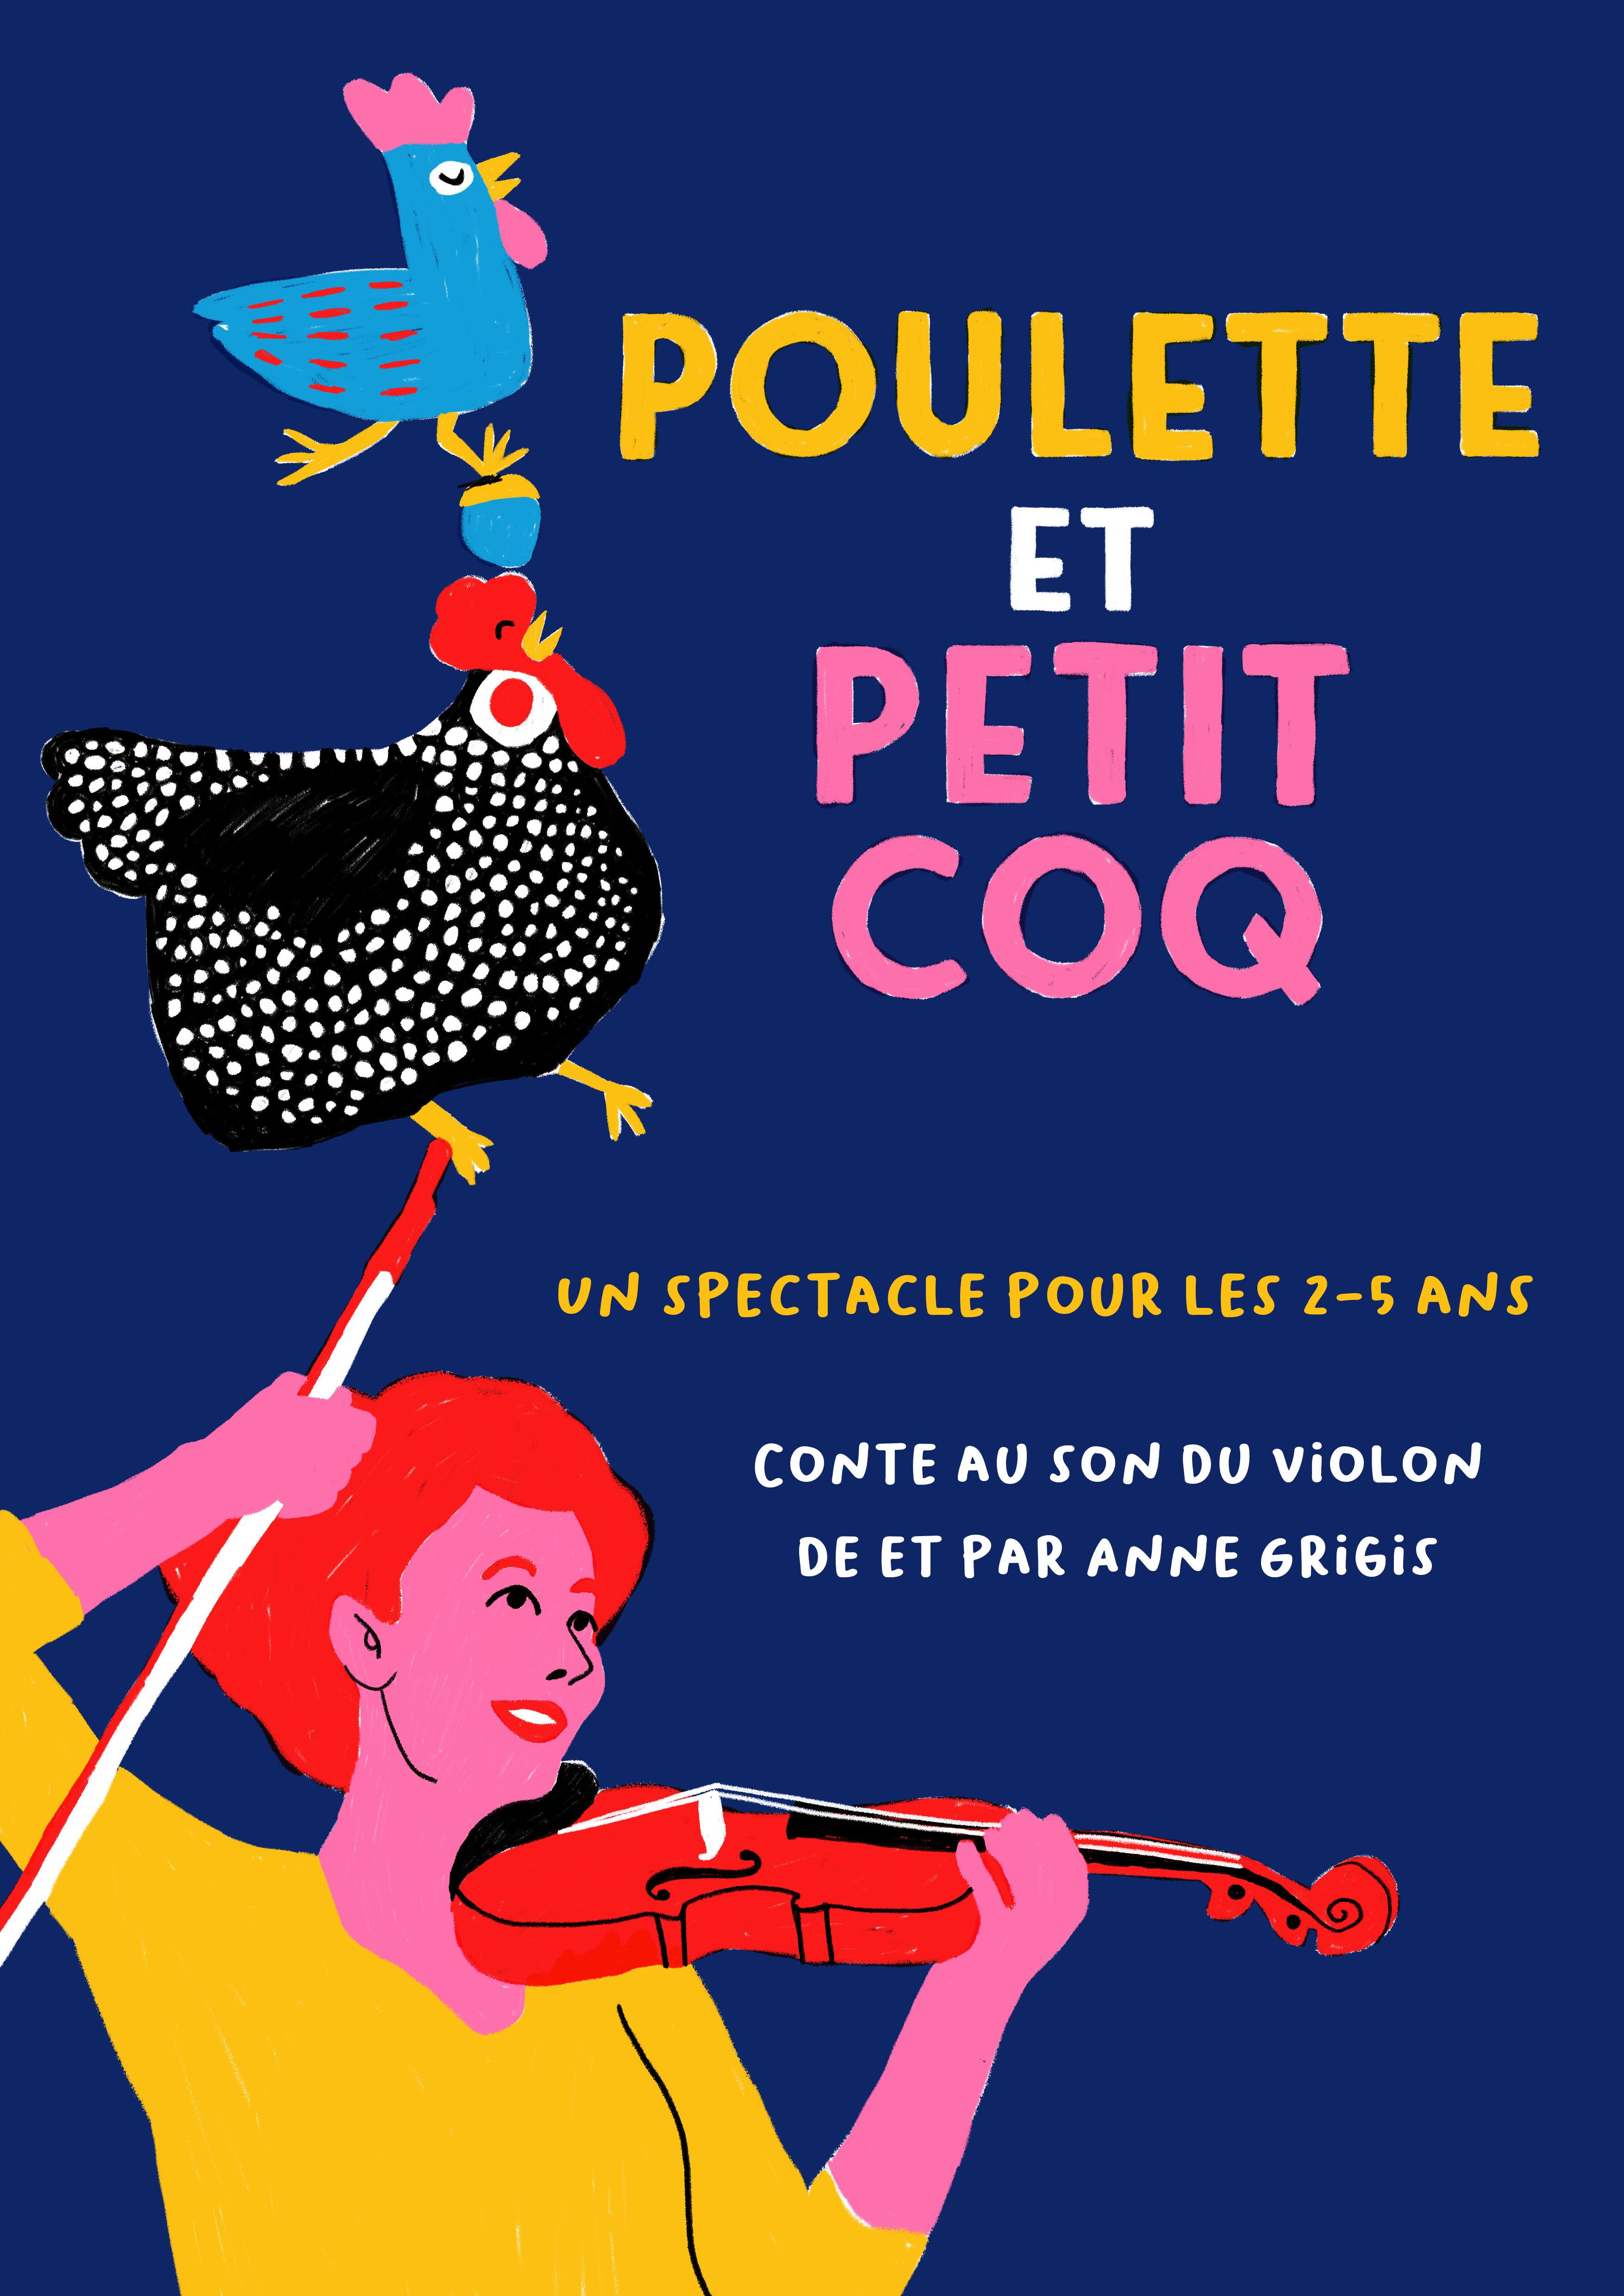 Poulette et Petit Coq - Ganshoren (Be) / Anne Grigis / Centre culturel